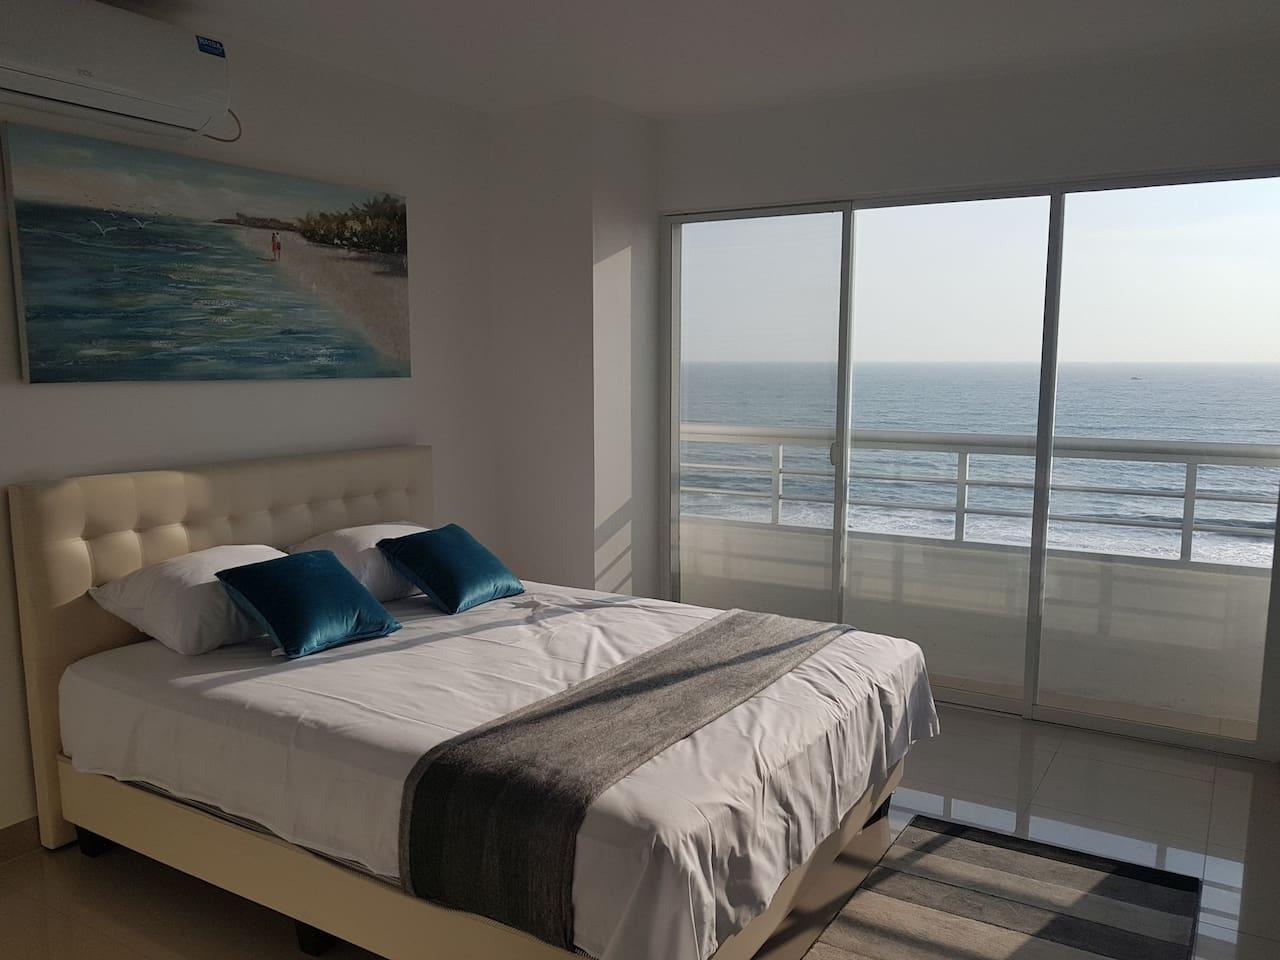 Suite con Balcon. Cama Queen 2.5 Plazas y sofa cama 2.0 Plazas.  Vista increíble al Mar.  Alojamiento completo con entrada independiente.  Parqueo con seguridad gratuito. Se permiten mascotas .